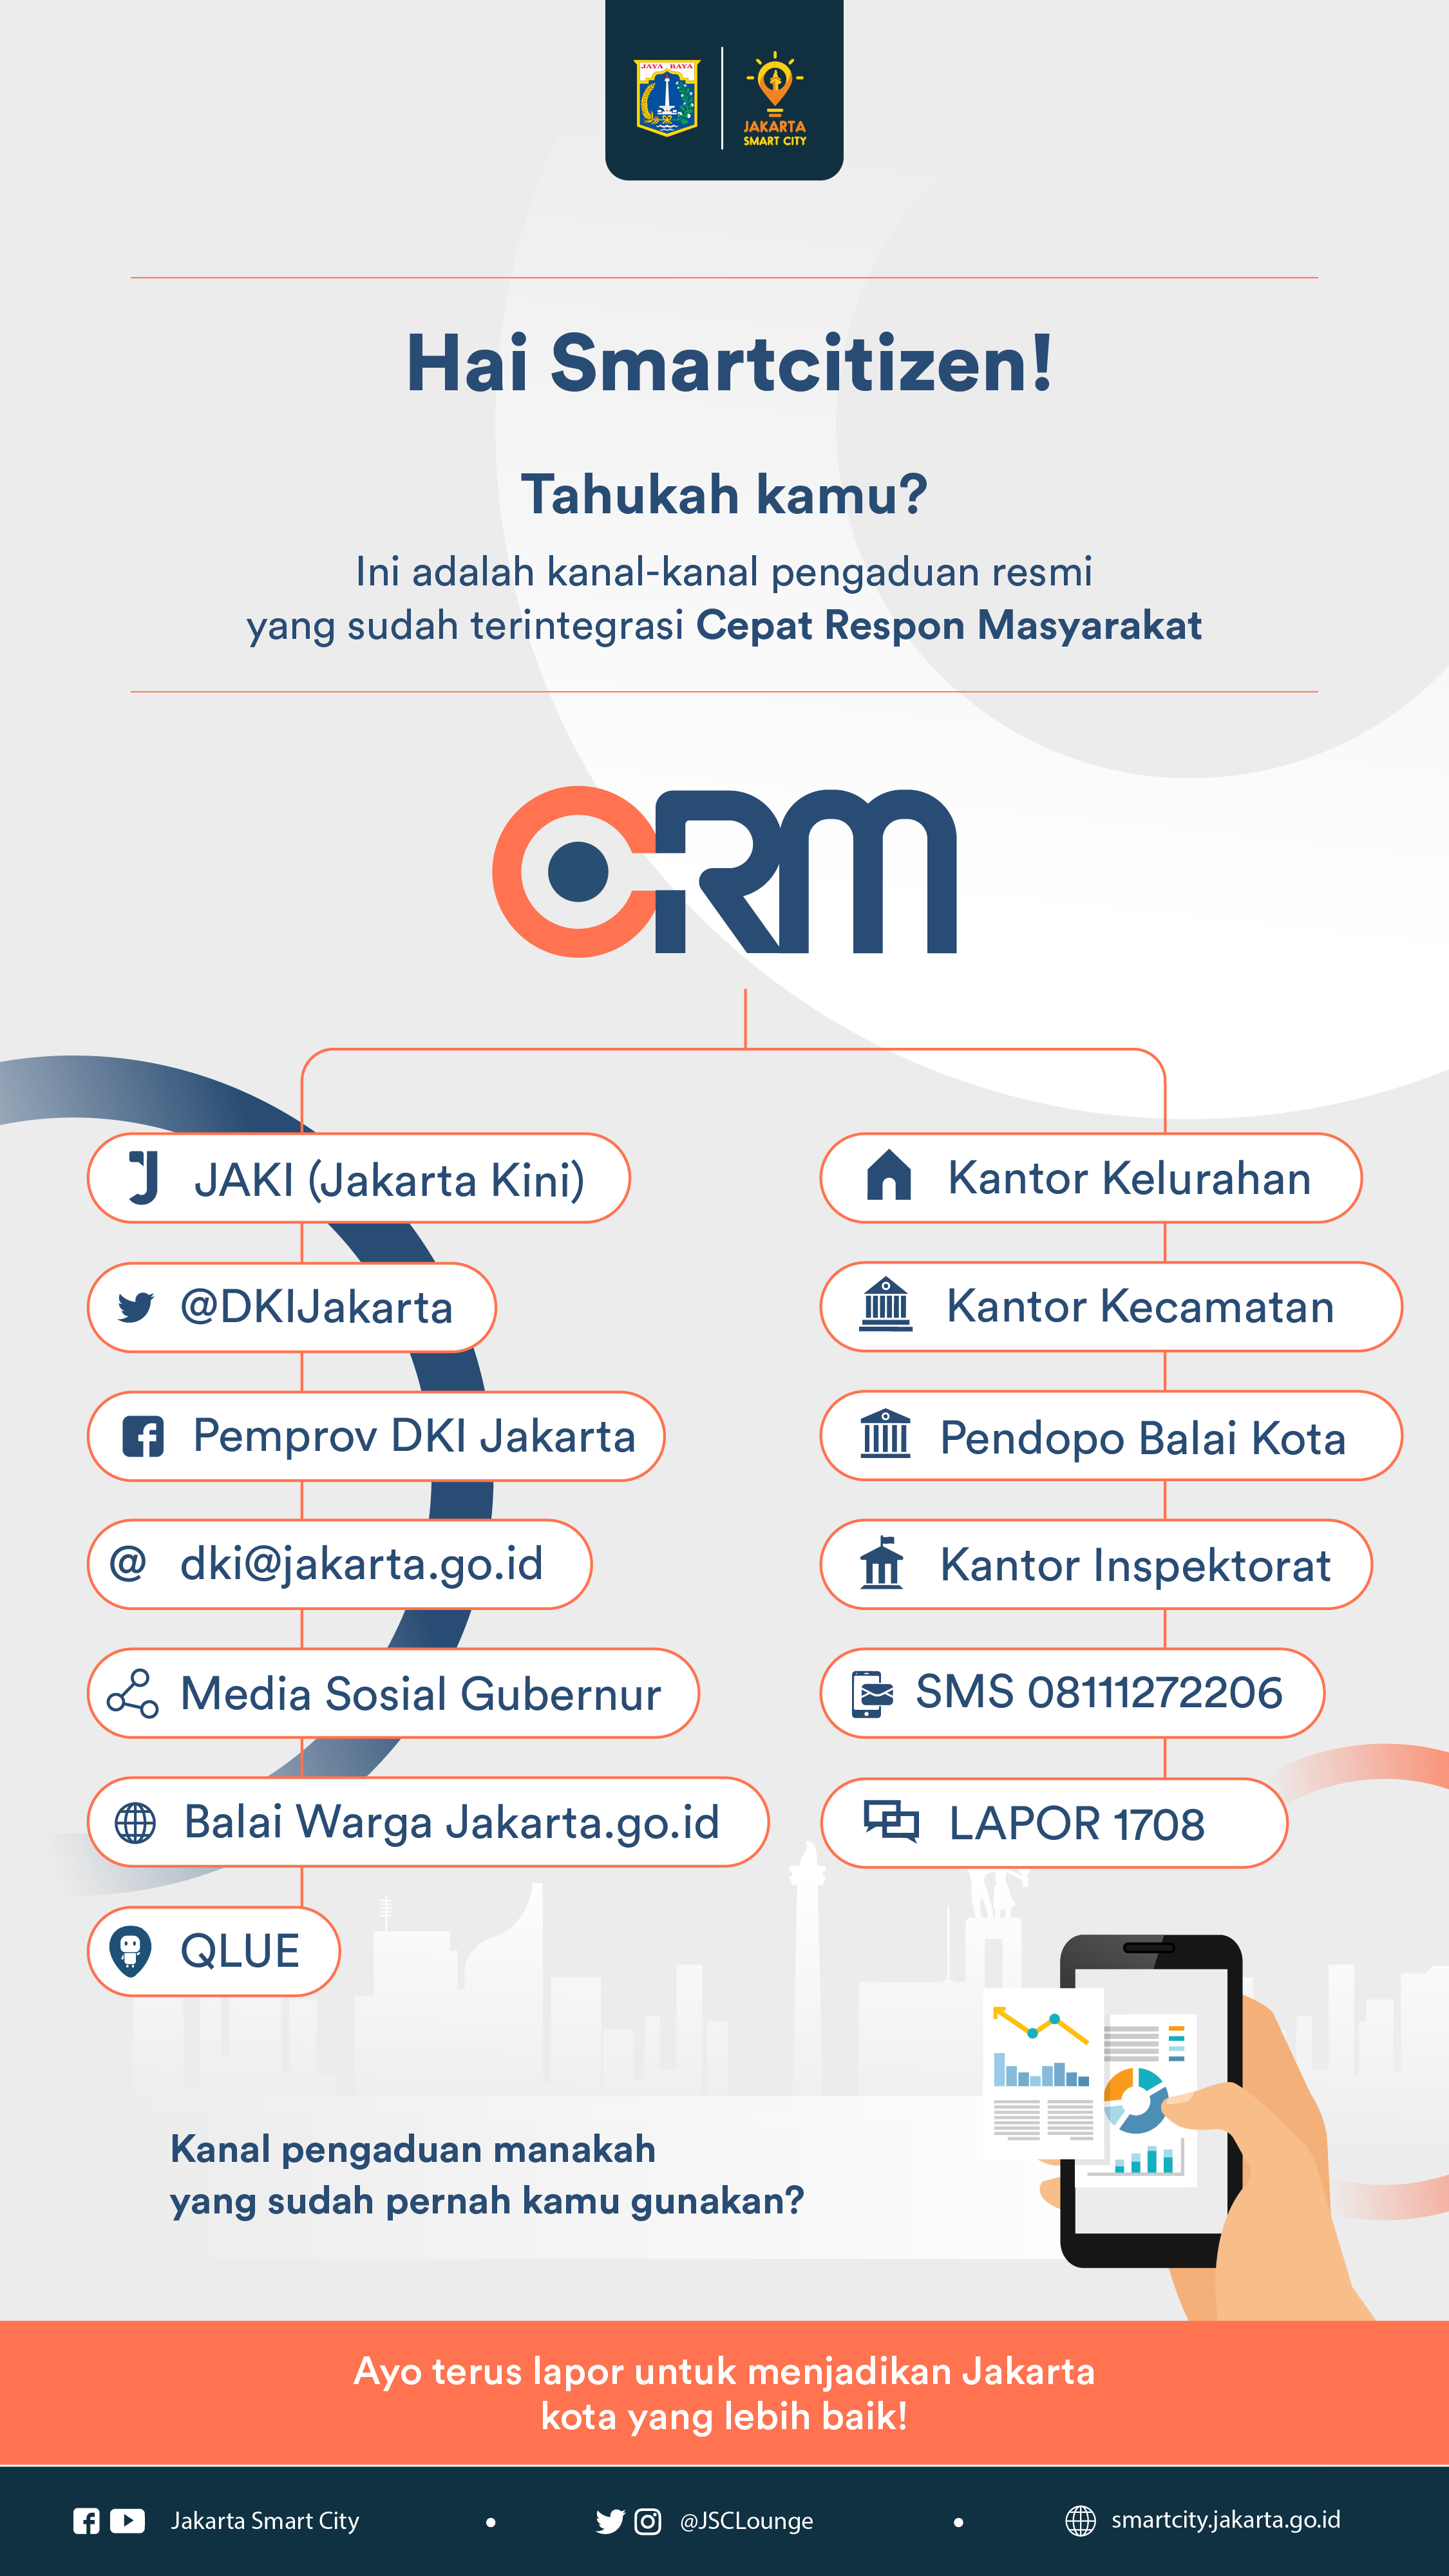 CRM, Kanal Pengaduan Resmi Masyarakat yang Sudah Terintegrasi -